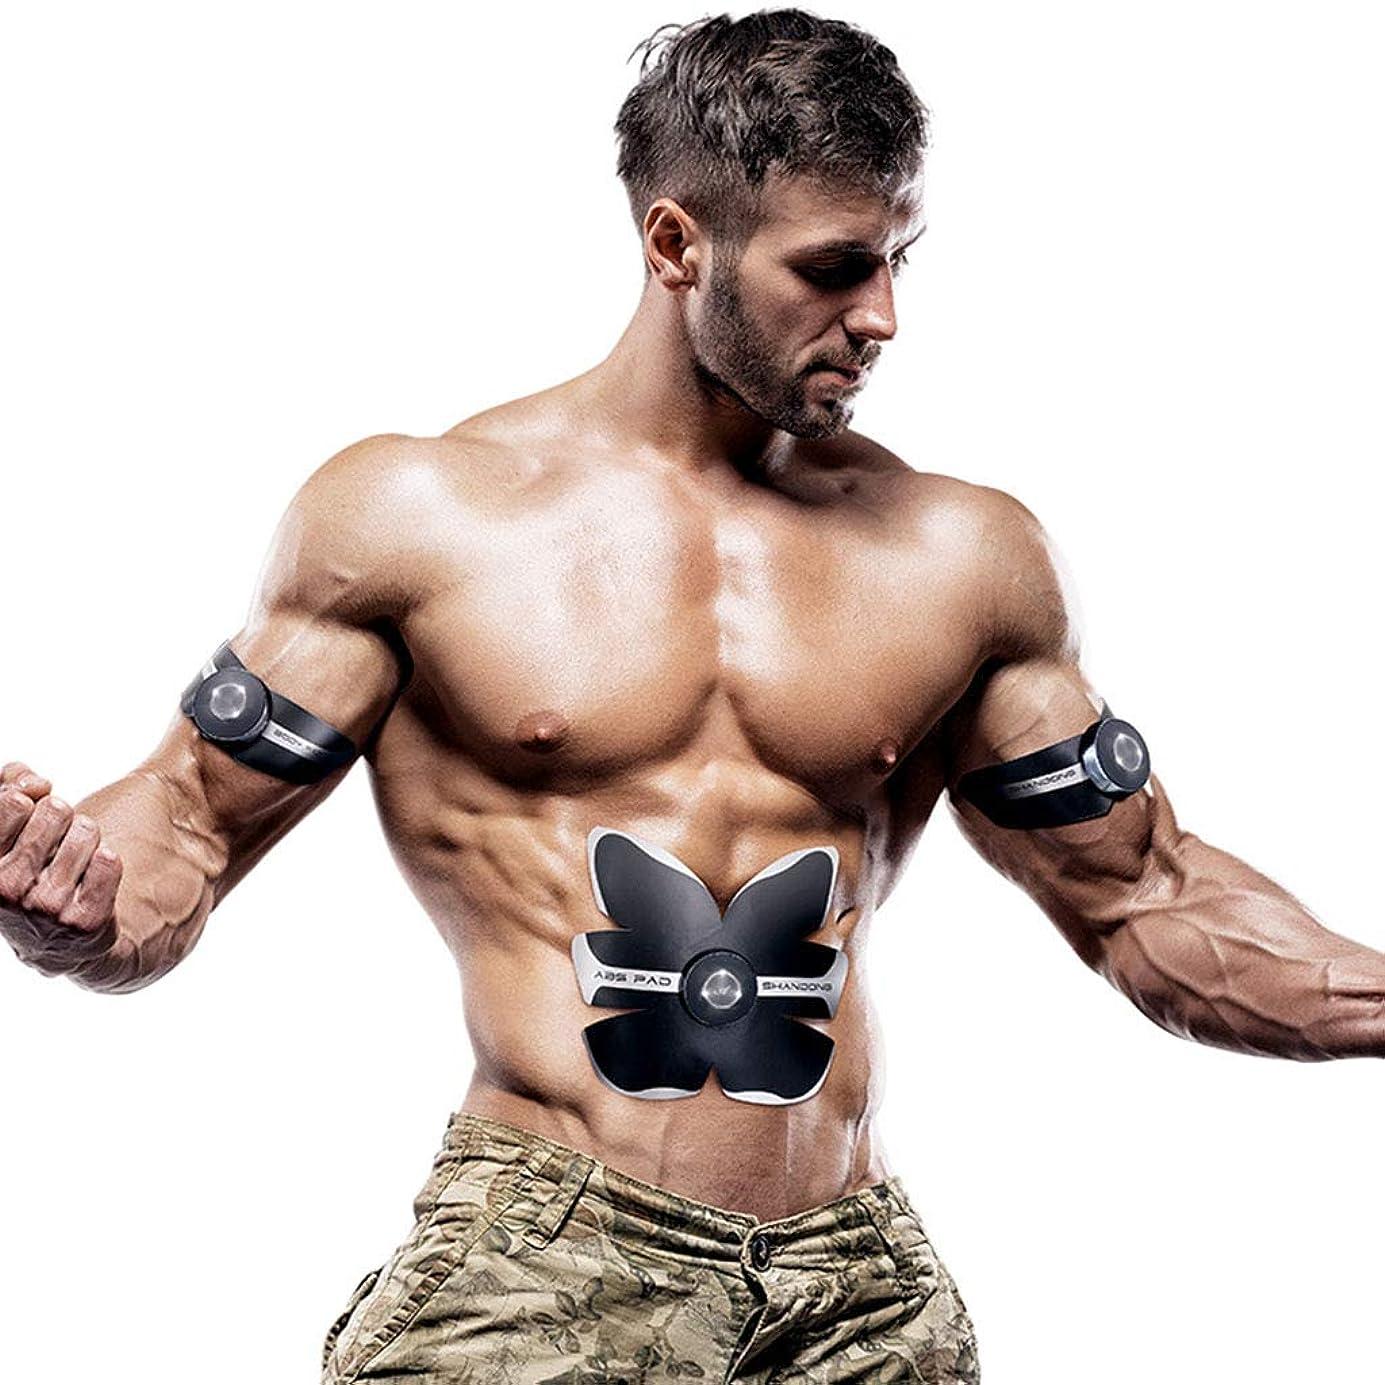 ジャム添加測るフィットネス薄いベルト、男性のスマート腹部腹筋トナーボディービルディング腹部ベルト腹部カラーベルト6腹部筋肉エクササイザ筋肉腹部トレーナー (Color : BLACK, Size : 19*20CM)